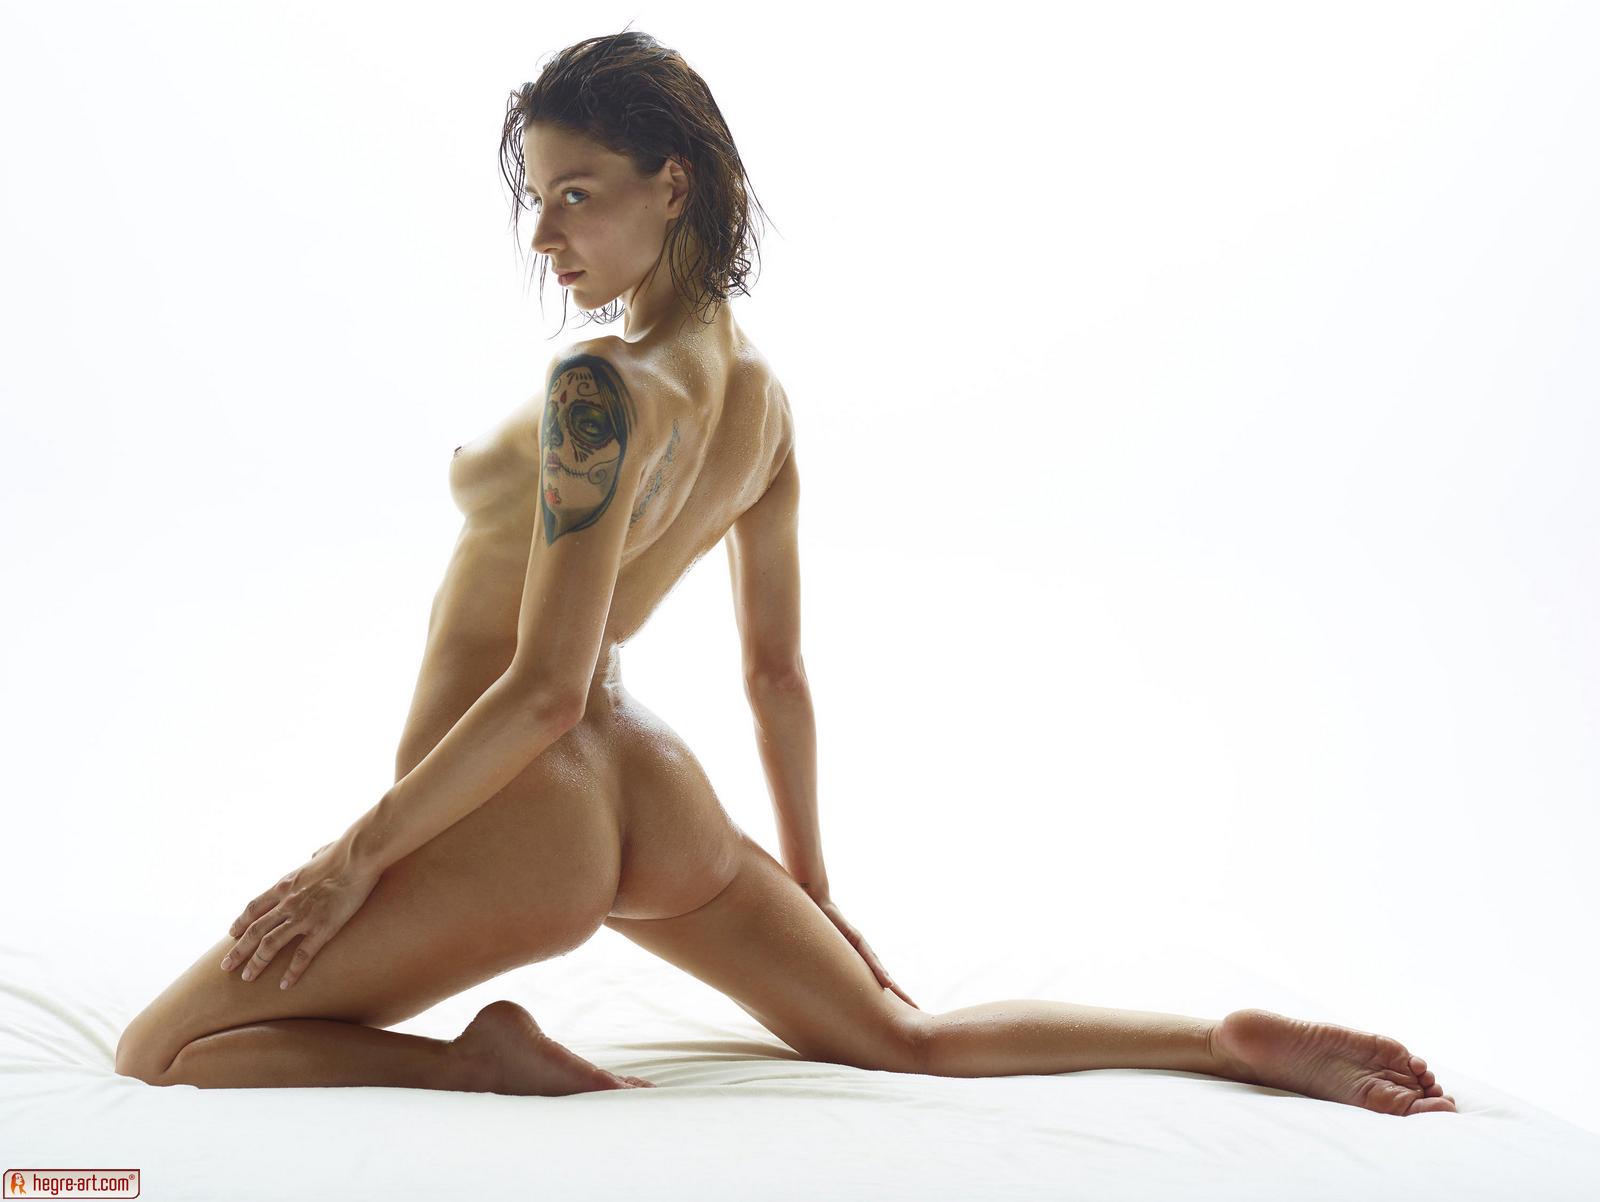 Zdjęcie porno - 143 - Nawilżona łania